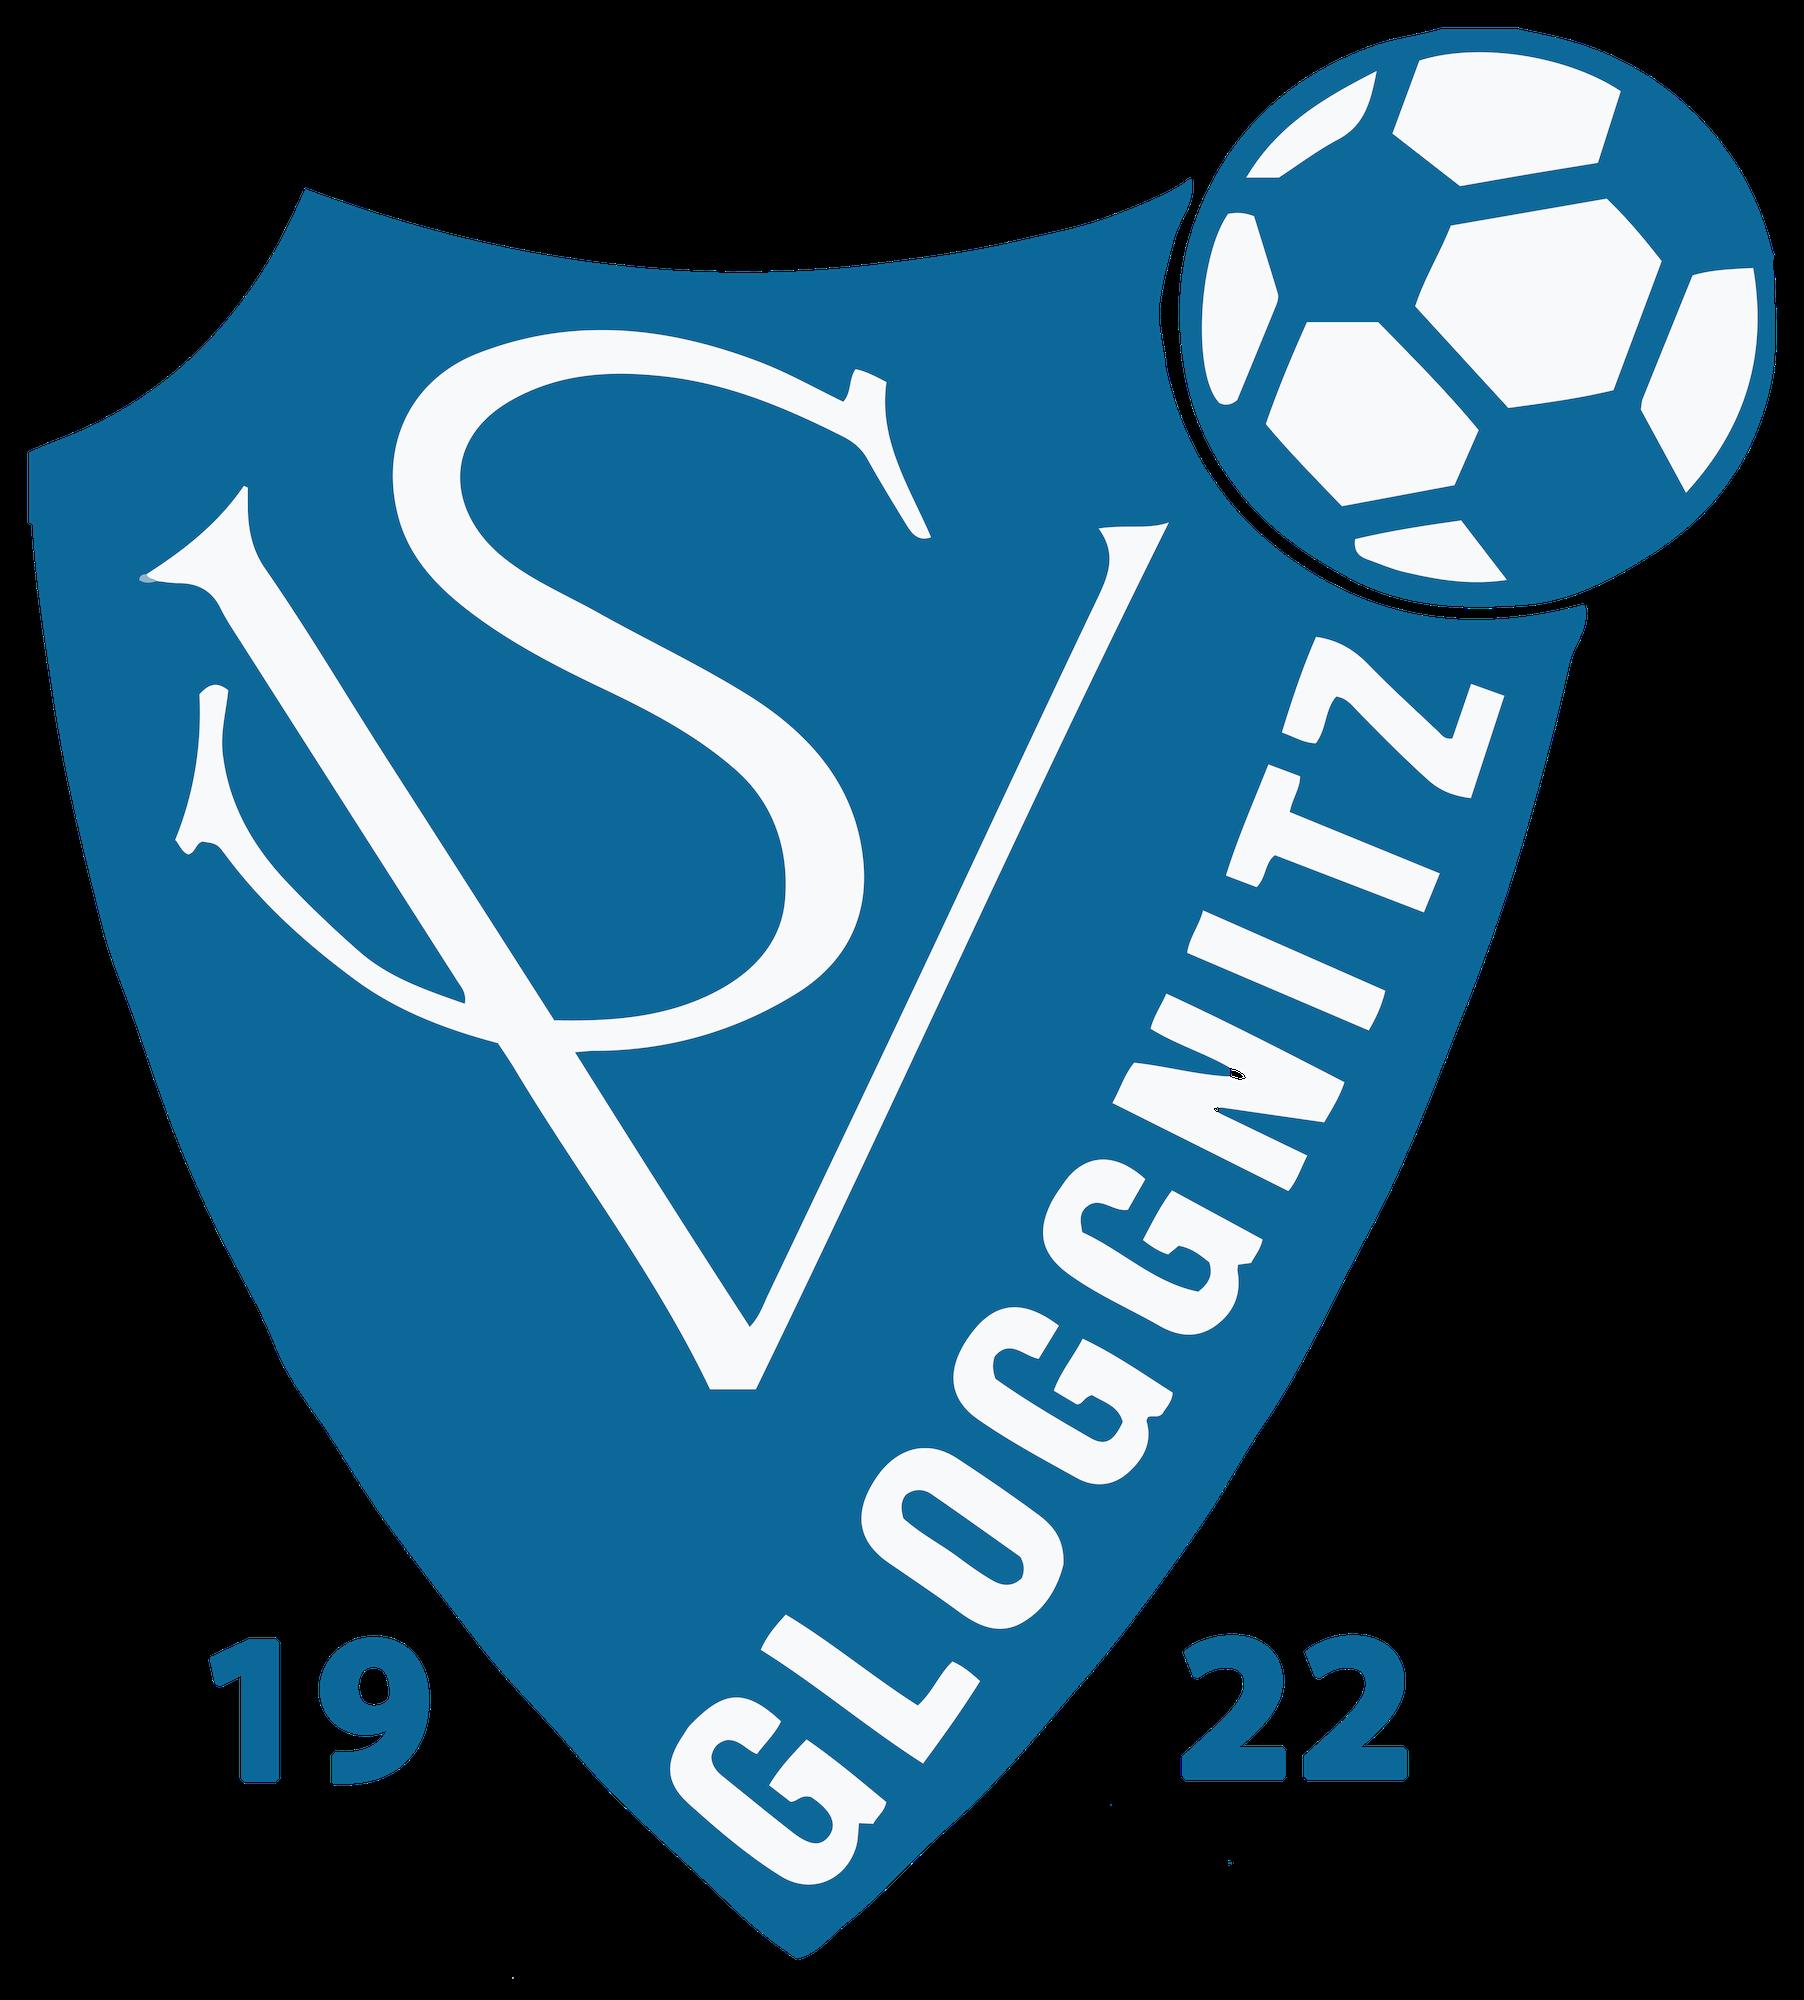 SV-Gloggnitz